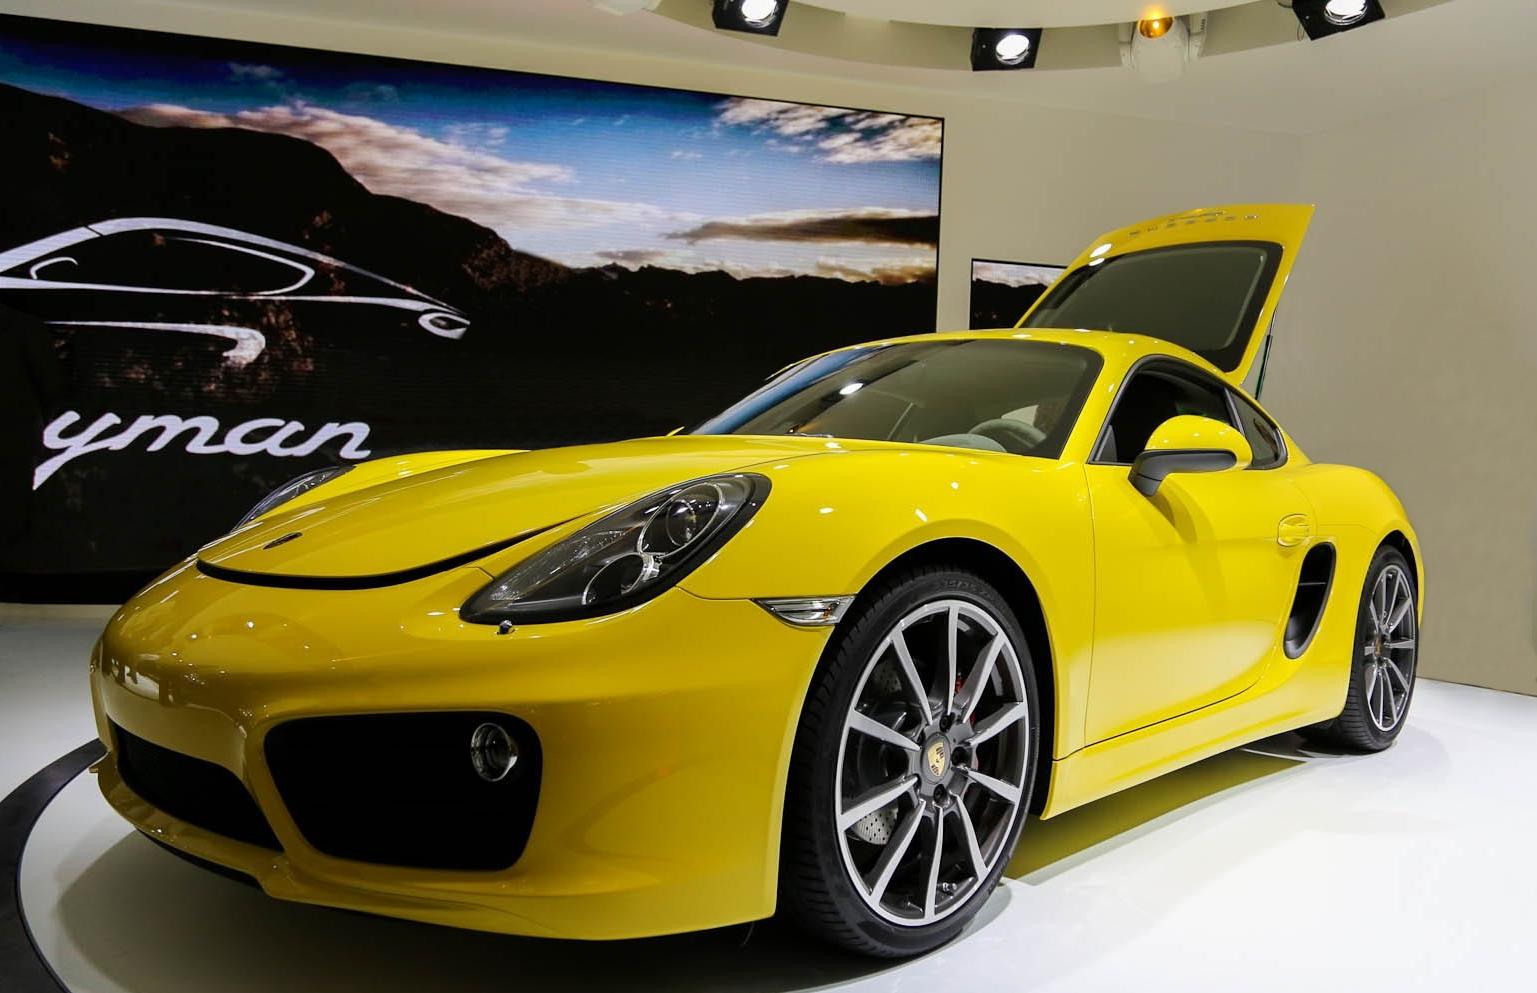 http://4.bp.blogspot.com/-Odd2sUK01NE/ULnPlNdhUXI/AAAAAAAAhDw/vdIXm4cXRco/s1600/Porsche%20Cayman%20para%202013.jpg